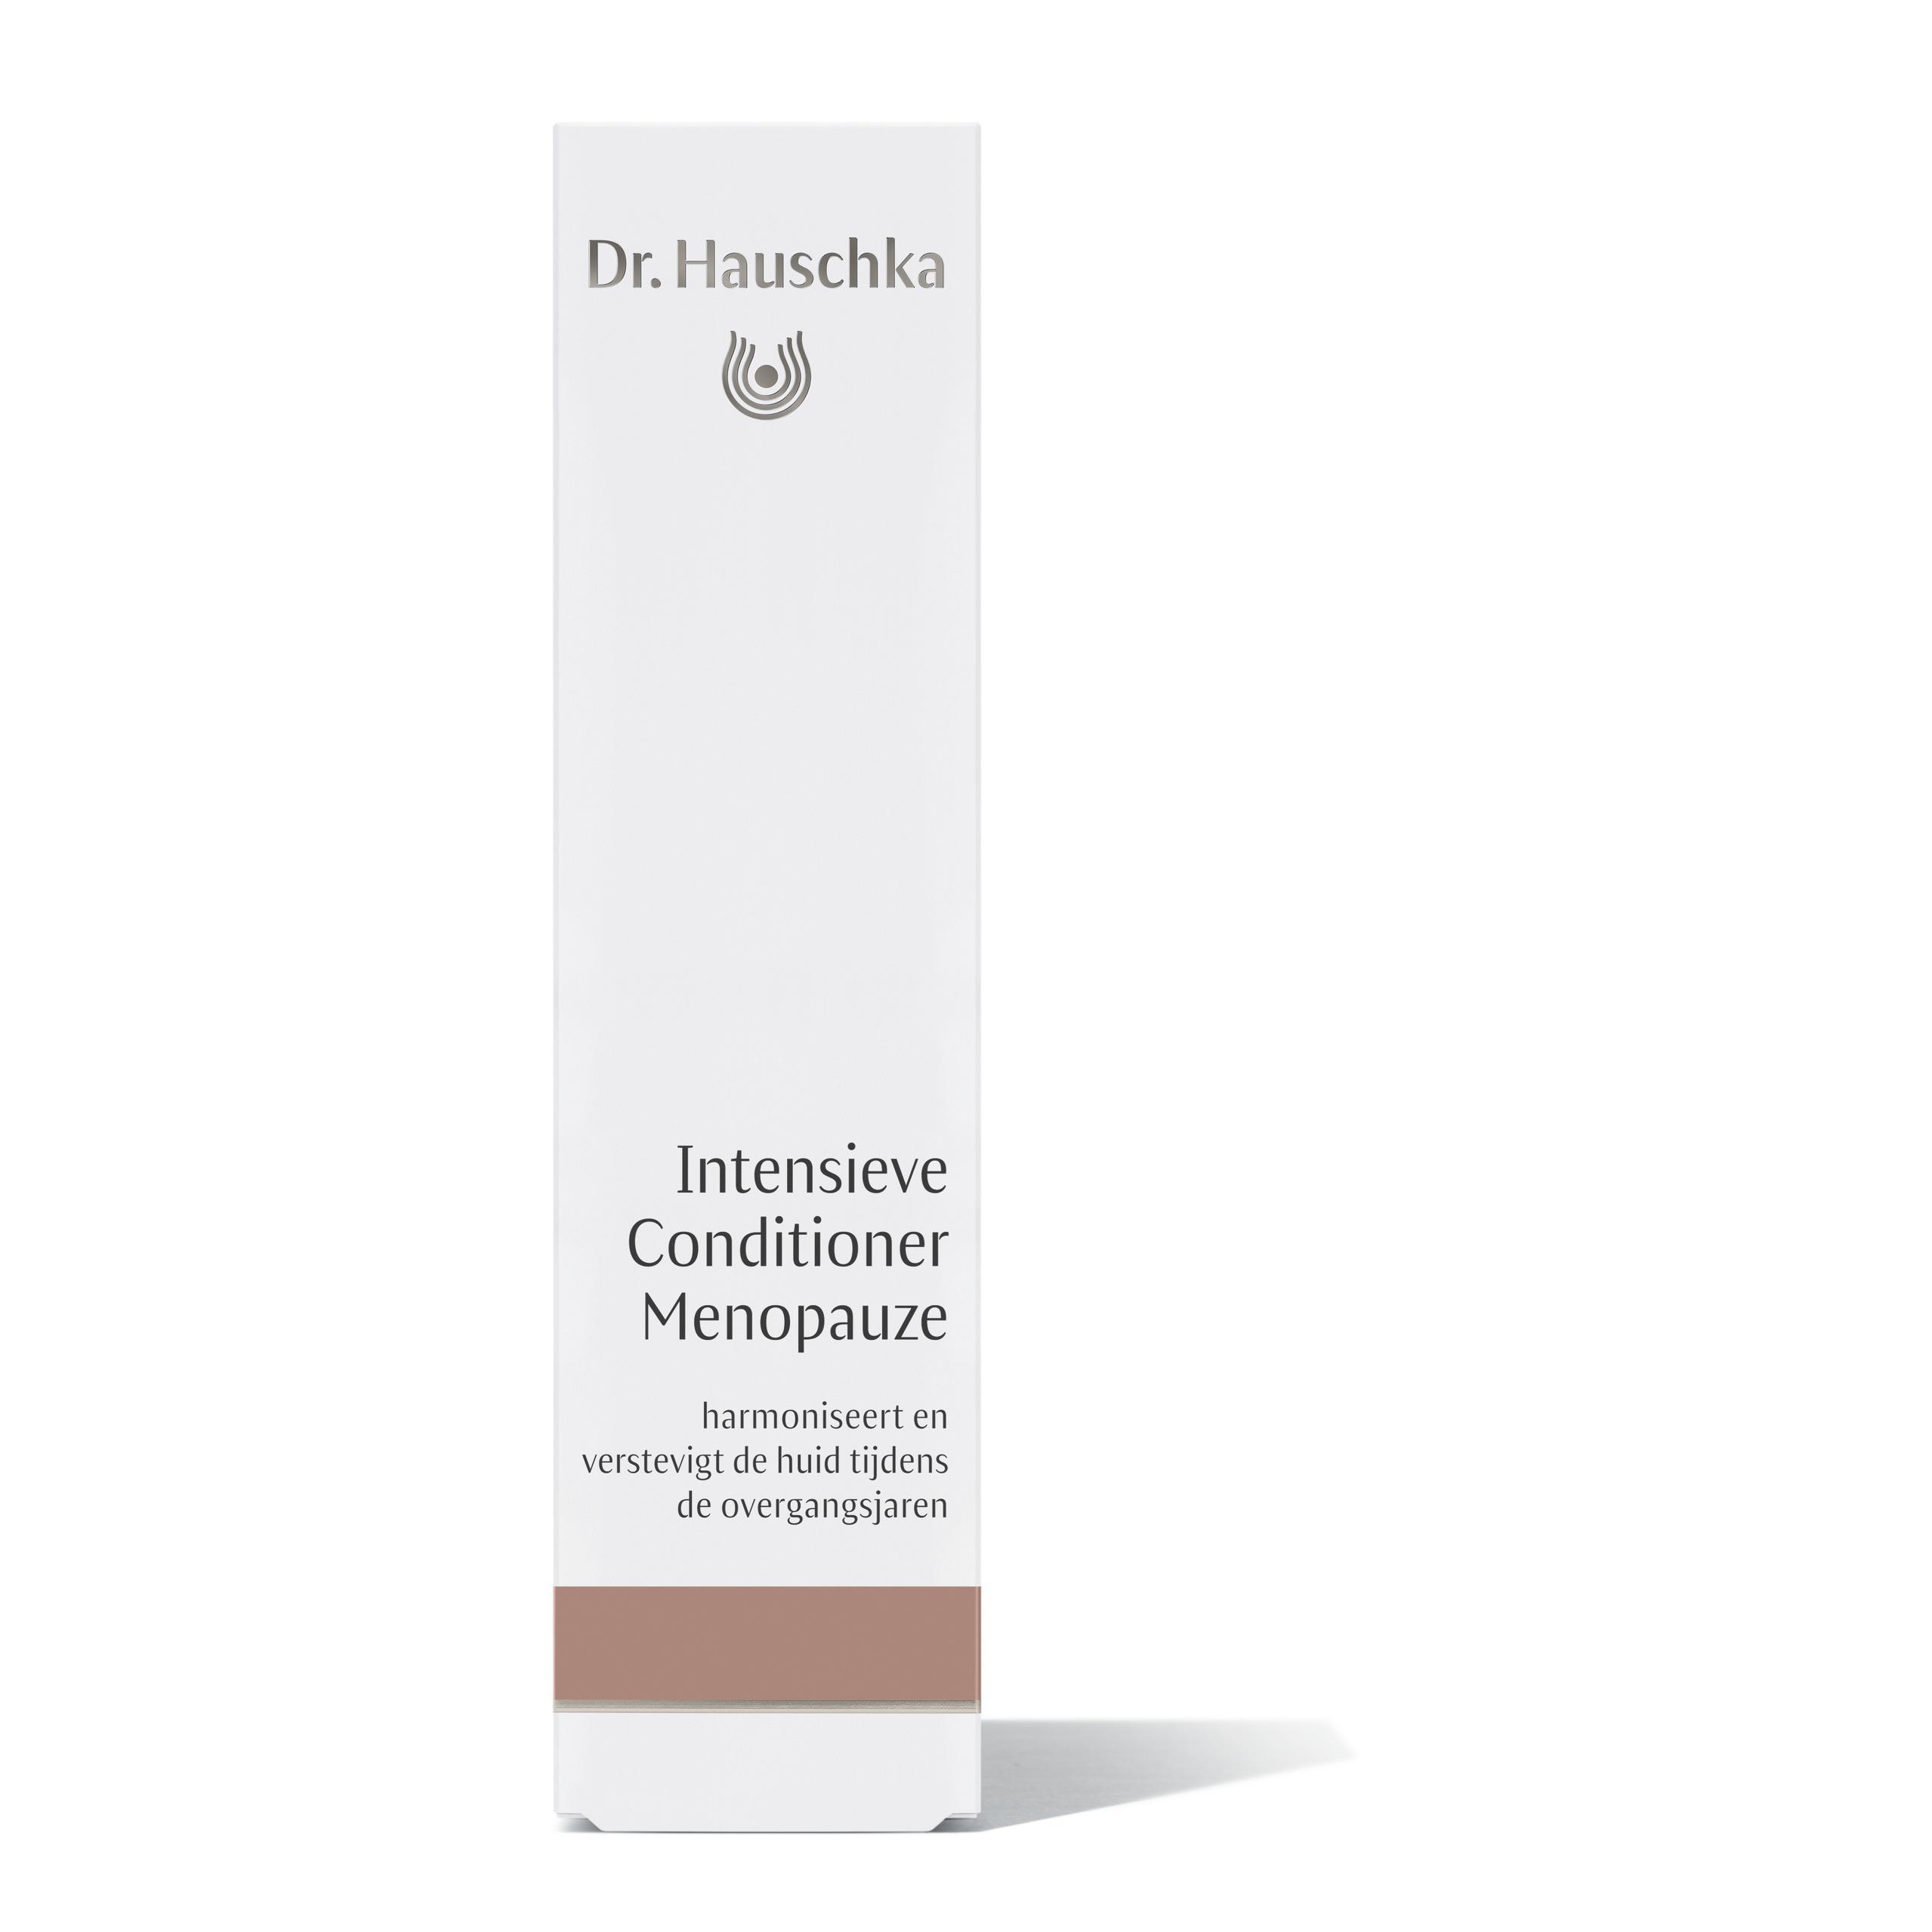 Dr Hauschka Intensieve Conditioner Menopauze (voorheen Intensieve Conditioner 05) 40 ml